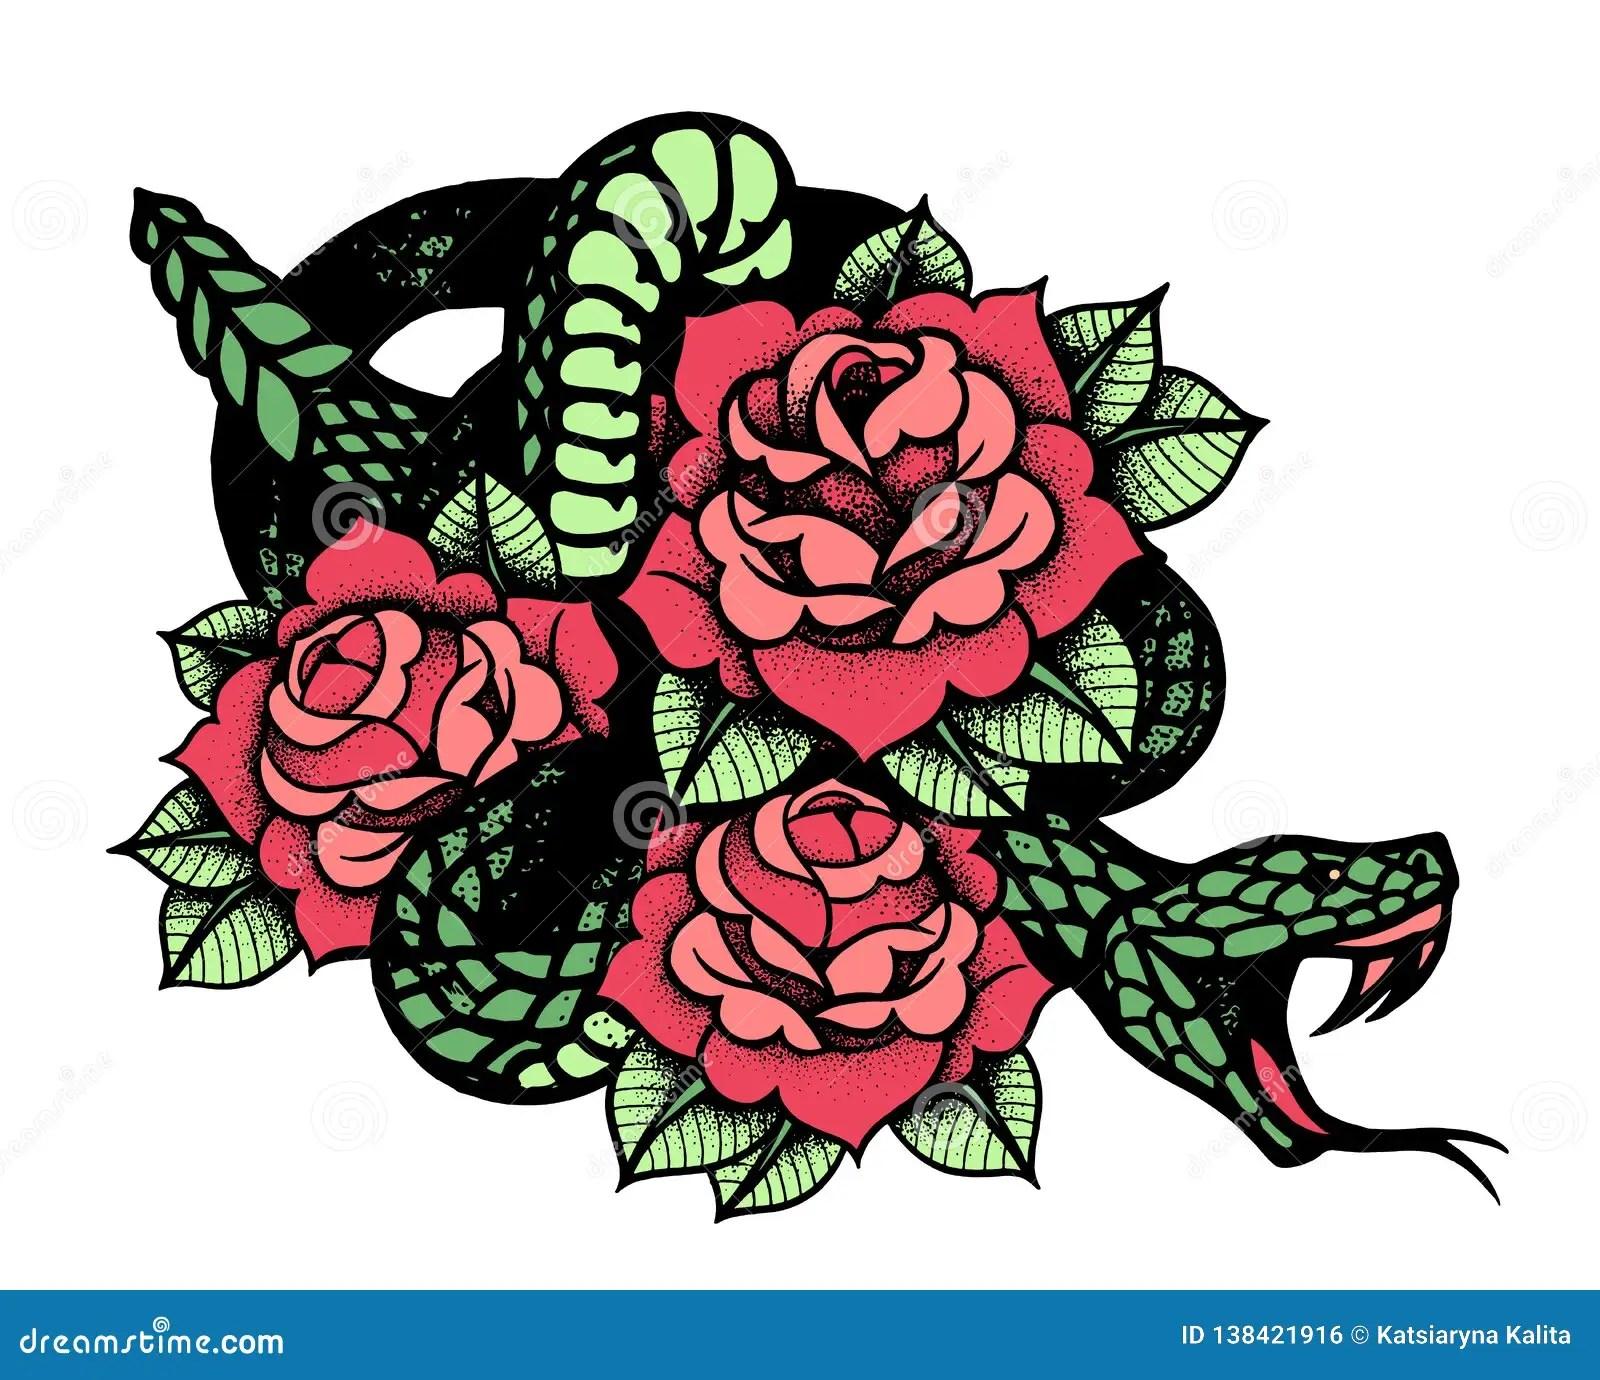 Tatuaje Con La Rosa Y La Serpiente Tinta Negra Tradicional Del